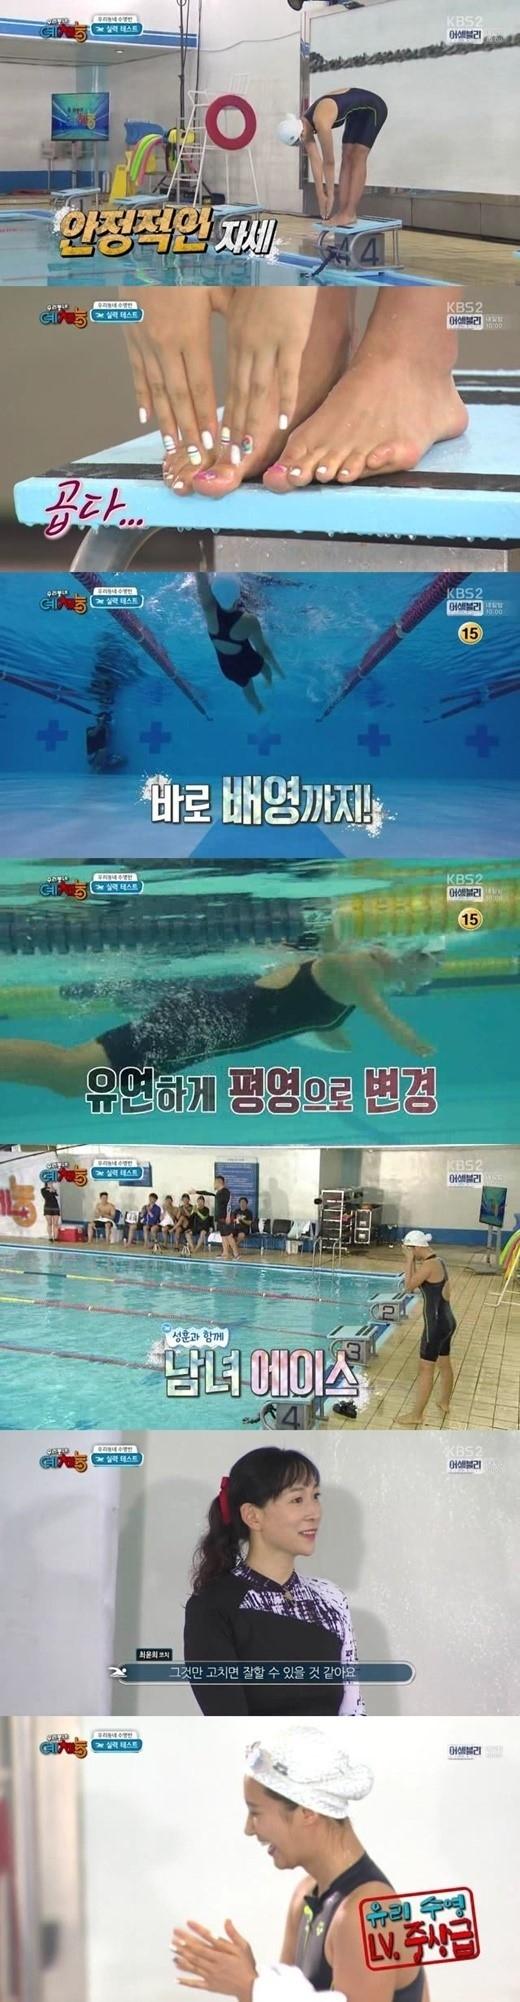 スパッツ型スクール水着・競泳水着フェチ 2着目fc2>1本 YouTube動画>15本 ->画像>911枚